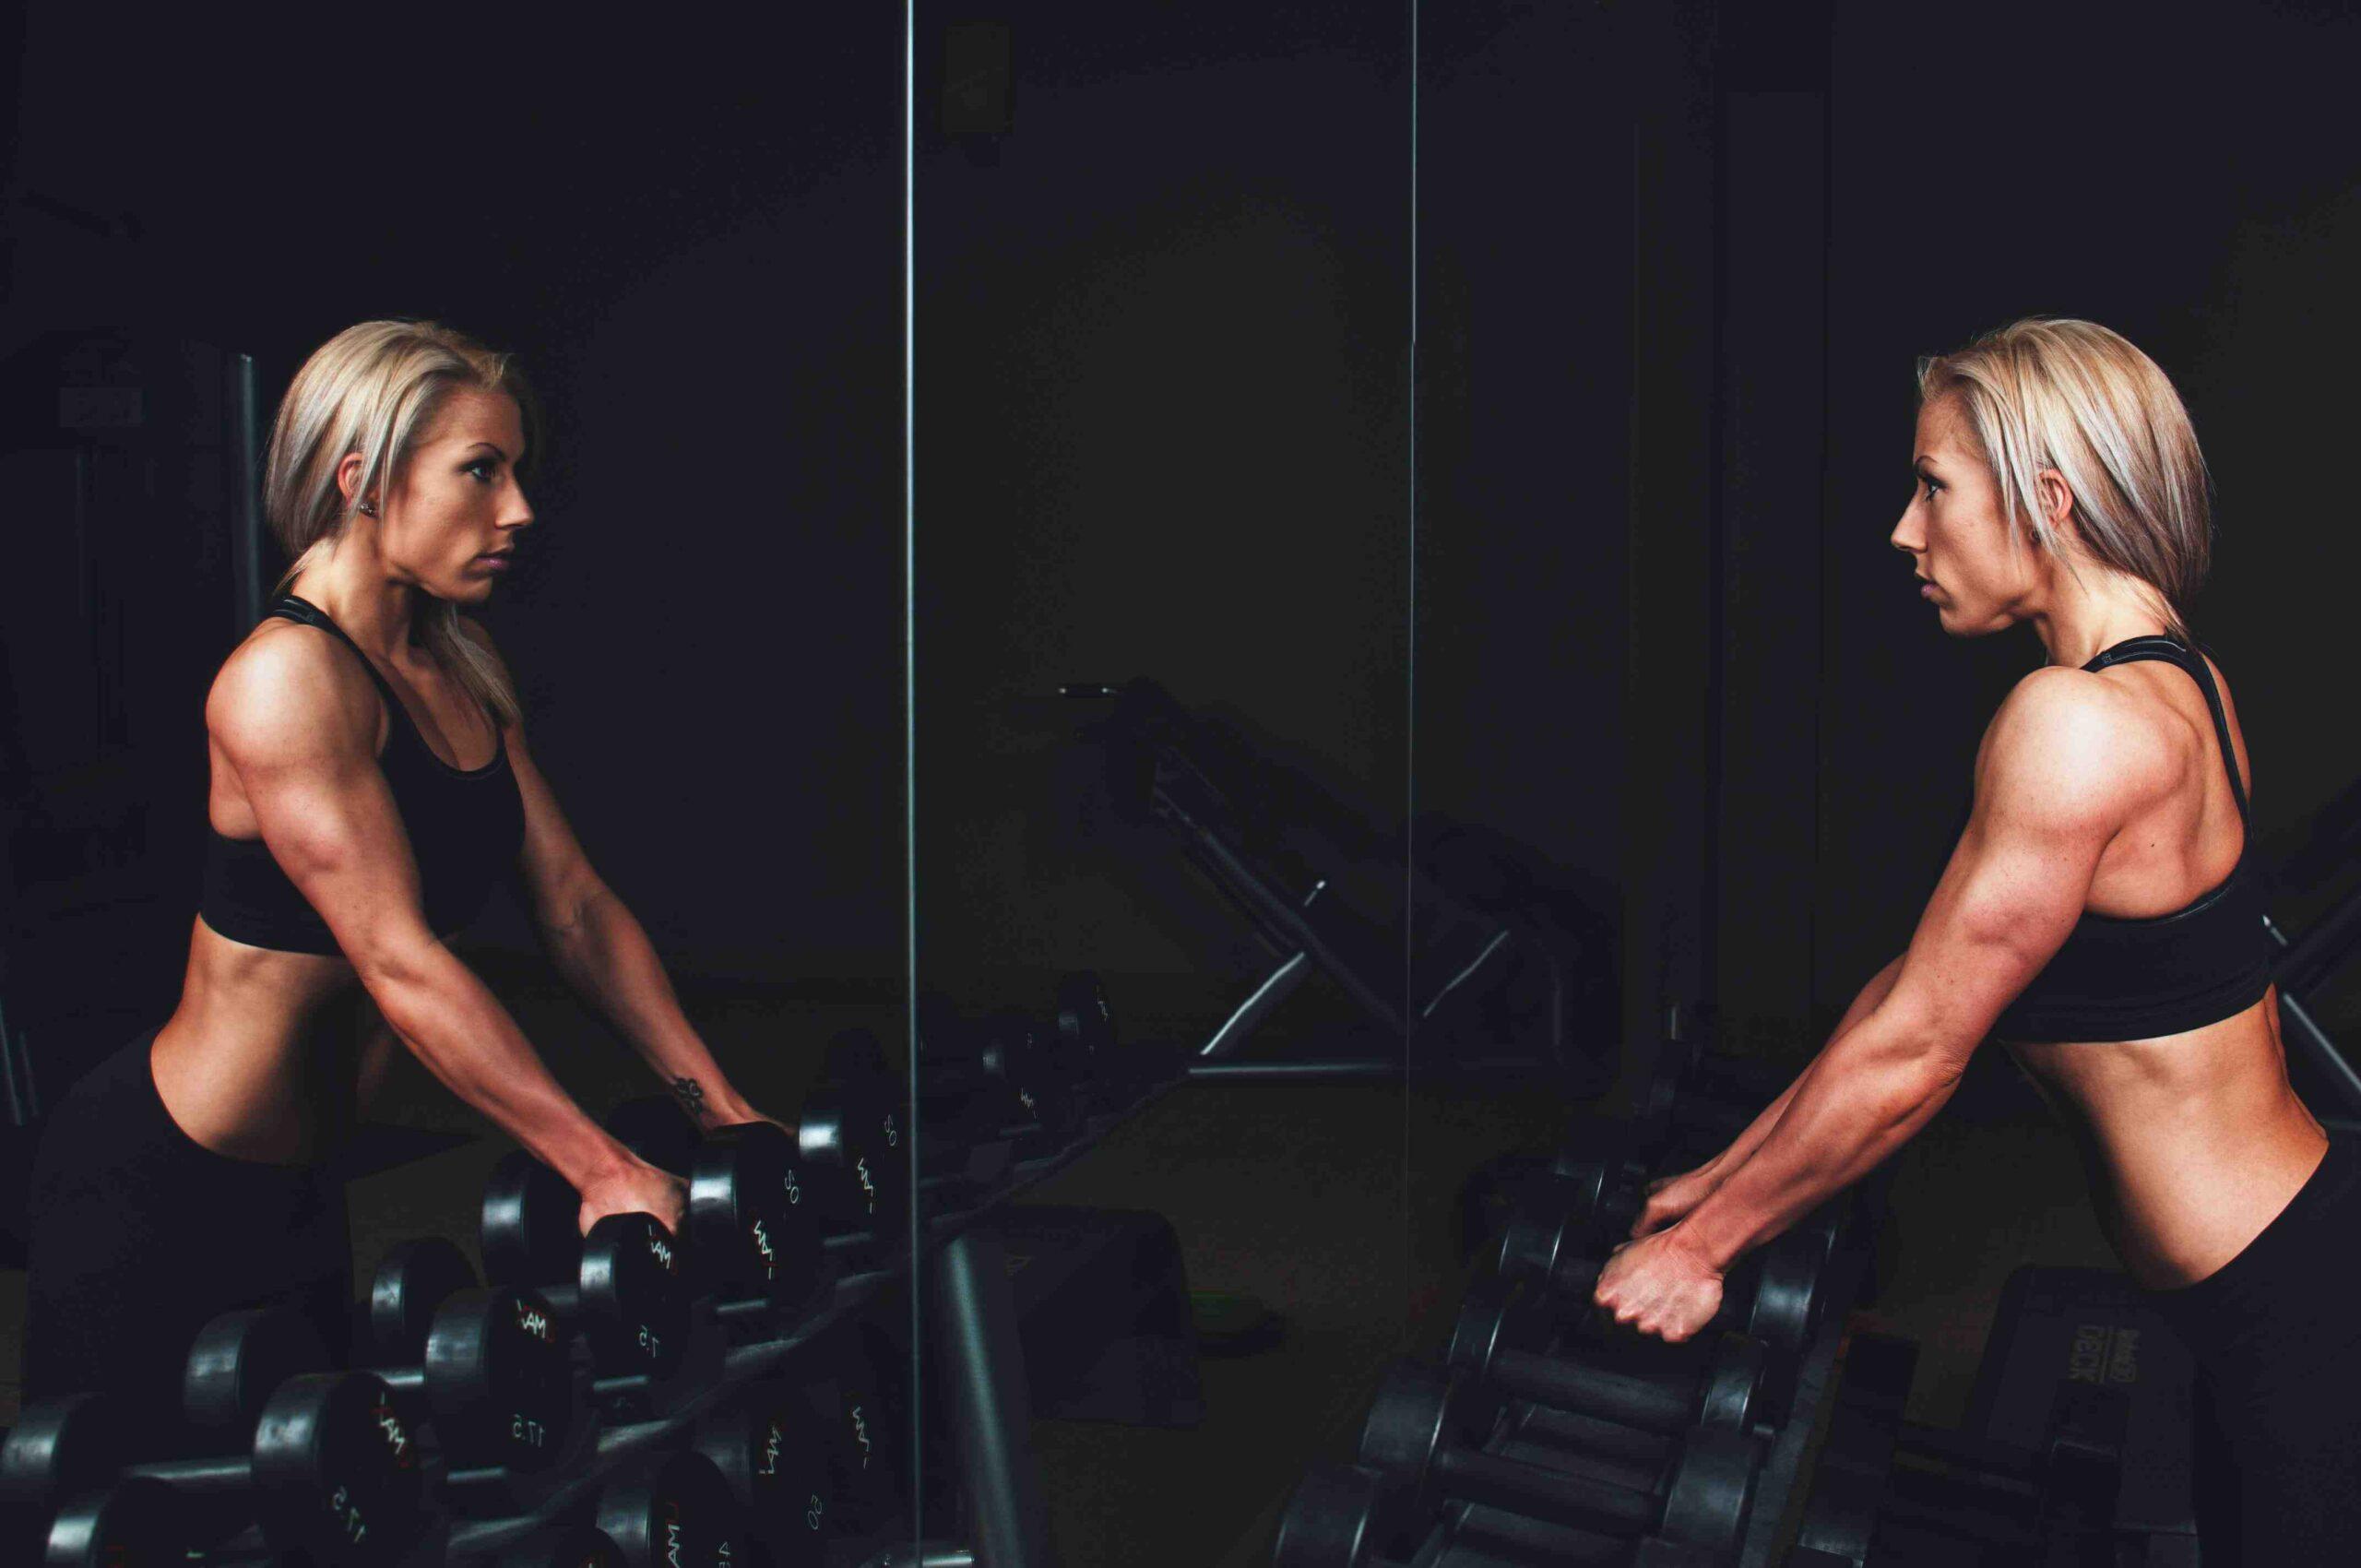 Comment pouvez-vous affiner votre corps rapidement?